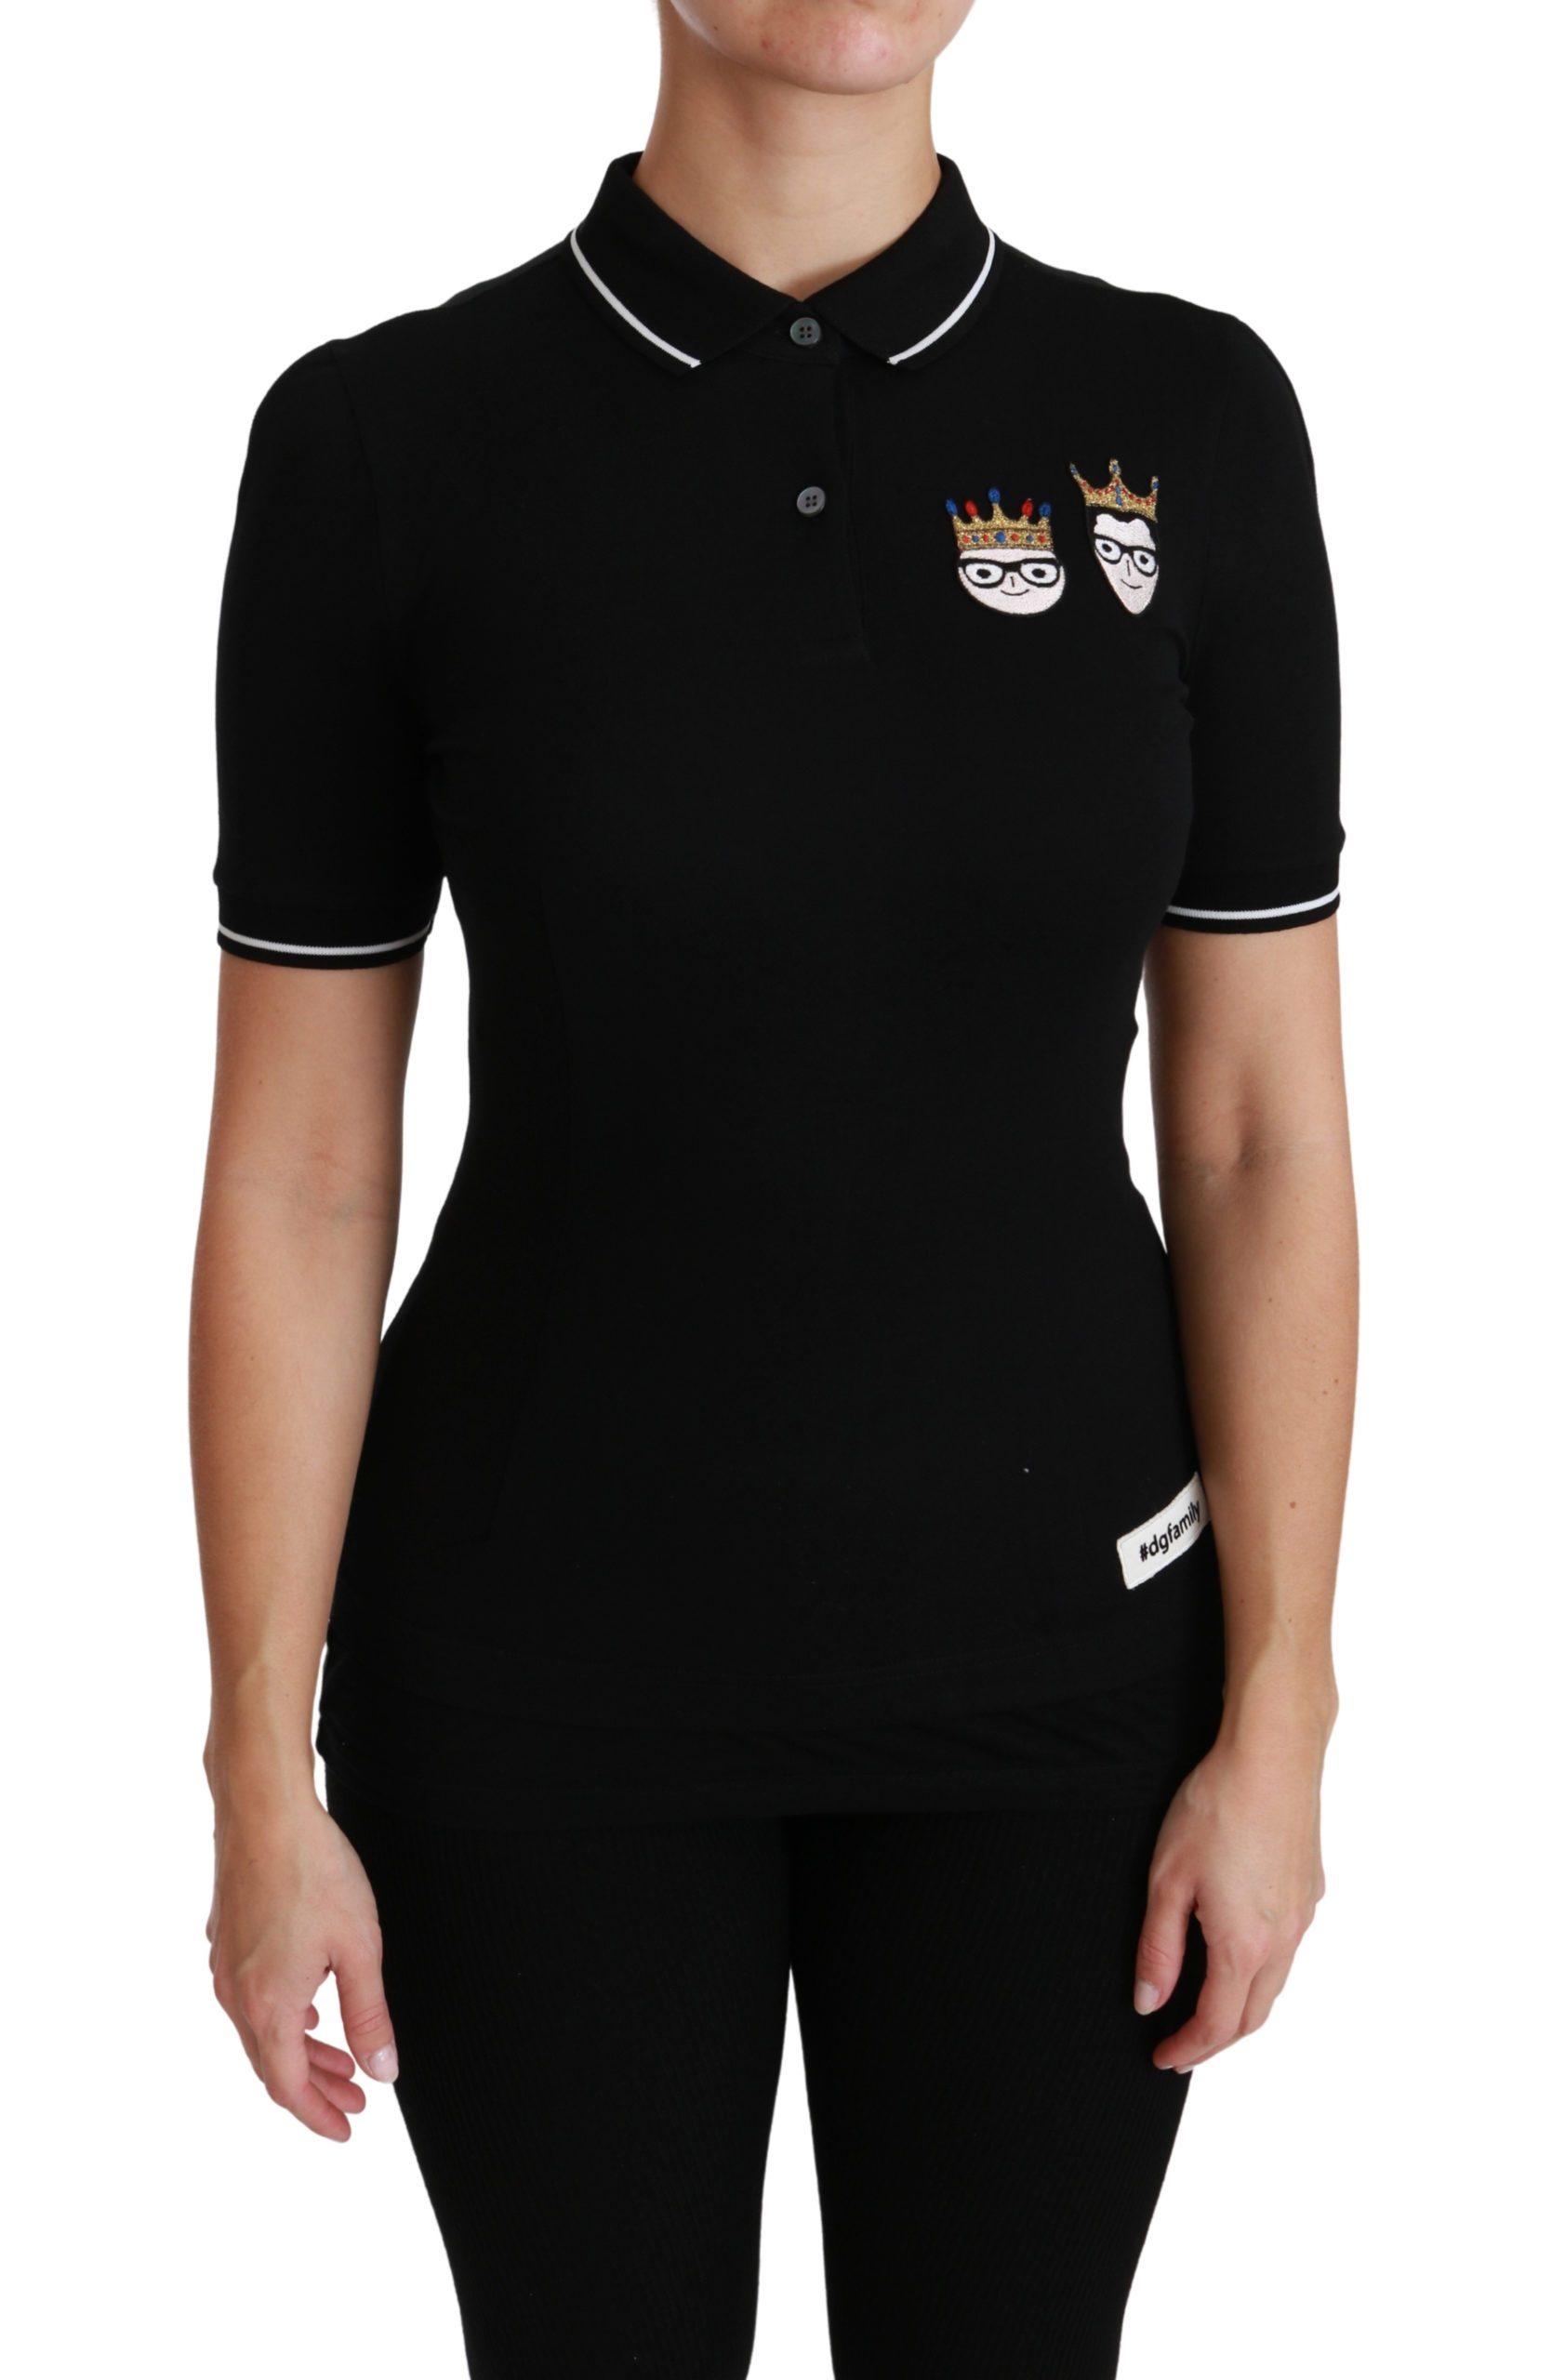 Dolce & Gabbana Women's Cotton DG Polo Shirt Black TSH4450 - IT36 | XS